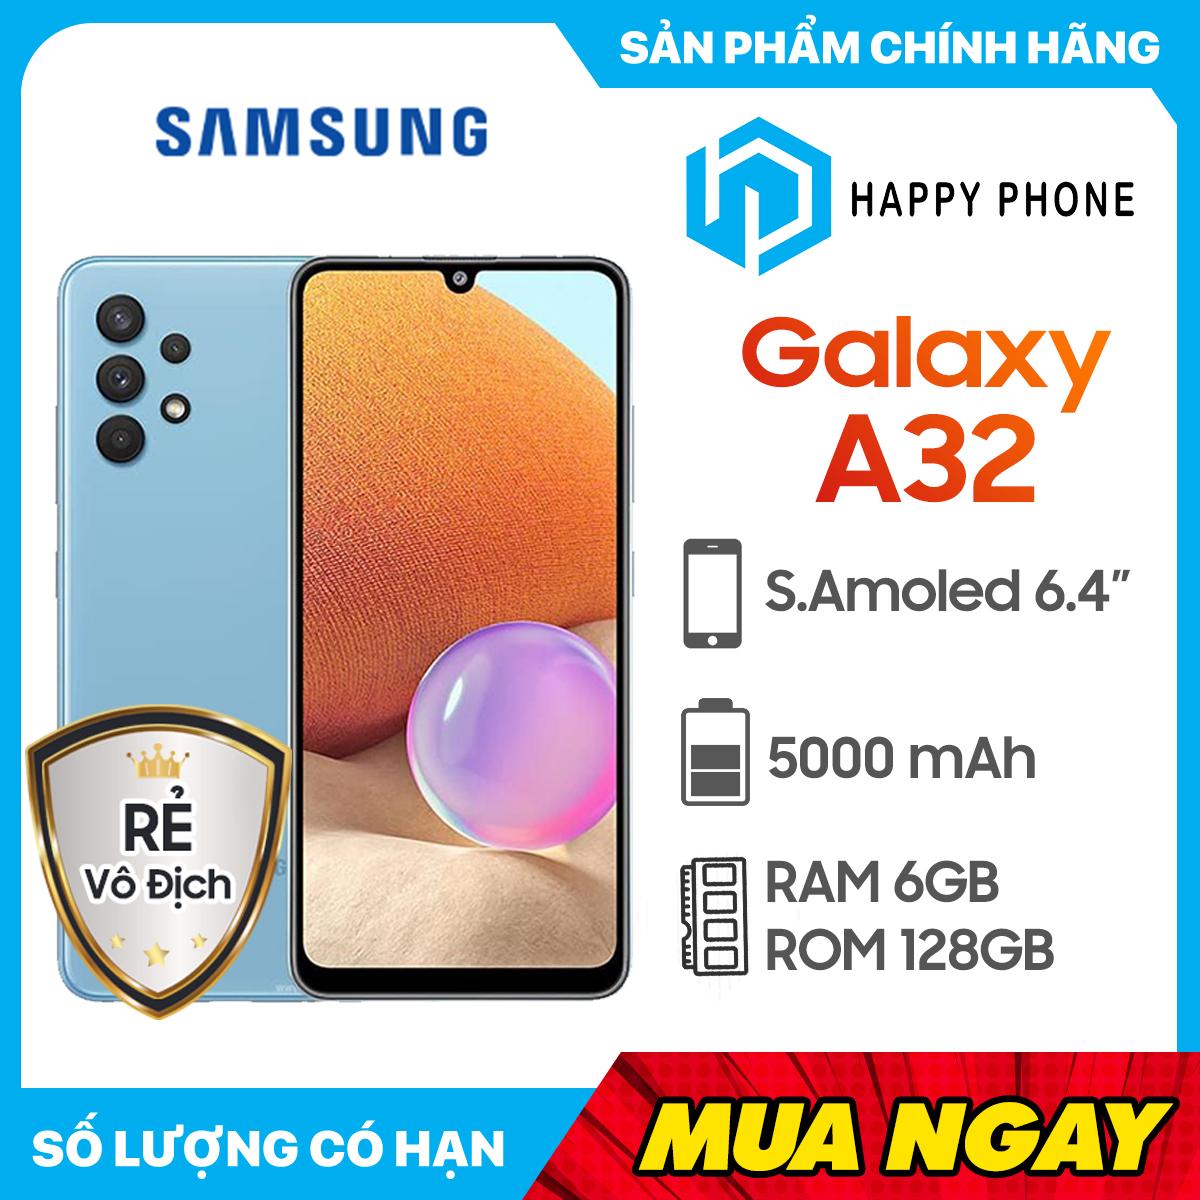 [Trả góp 0%] Điện thoại Samsung Galaxy A32 (6GB/128GB)- Hàng chính hãng mới 100% Nguyên Seal | Bảo hành 12...